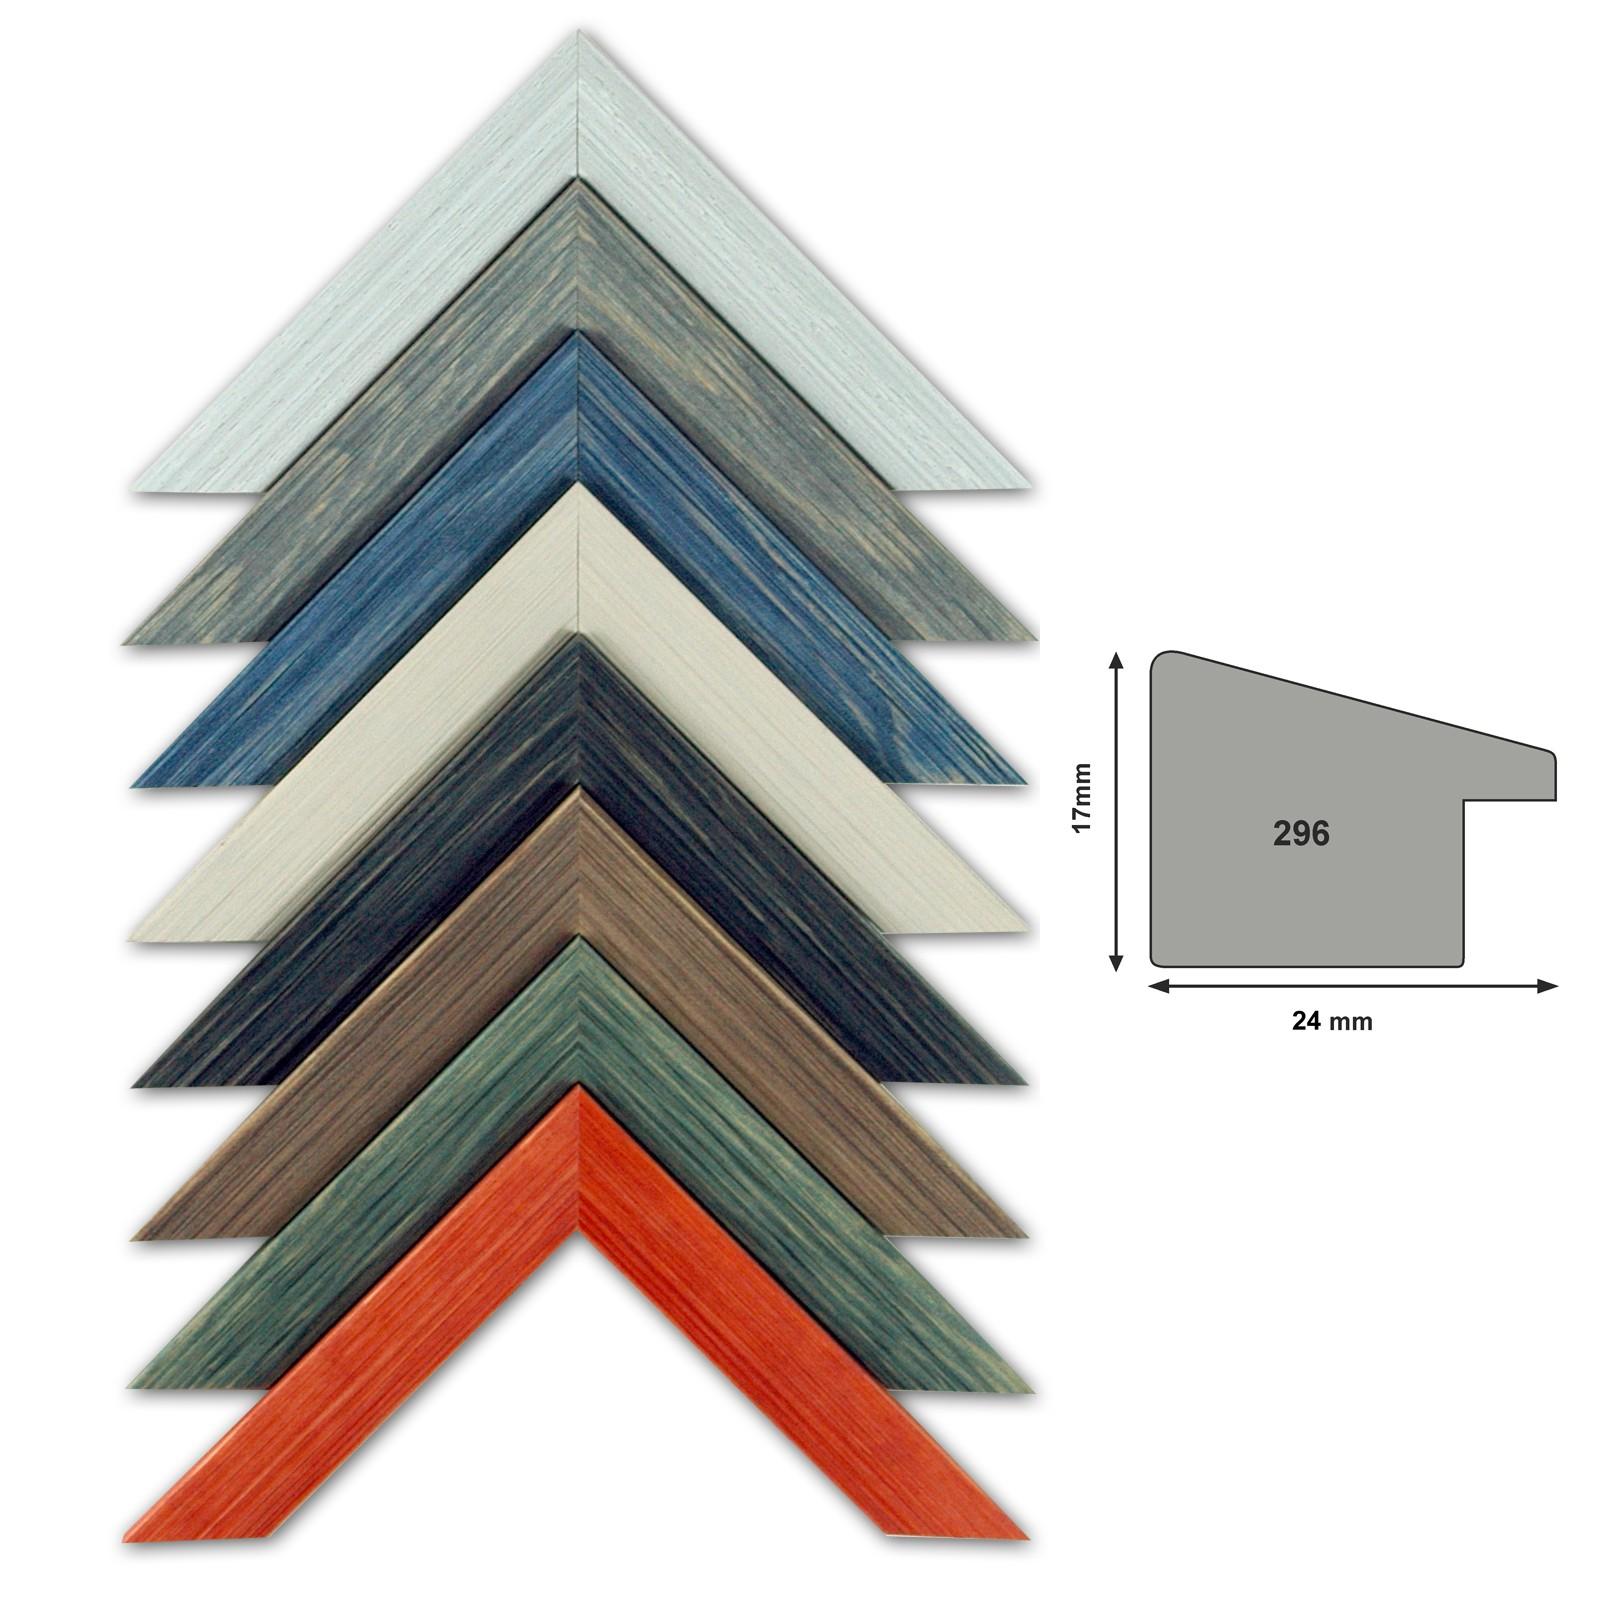 Bilderleiste 296 24 mm Profilbreite wählbar in 8 Farben